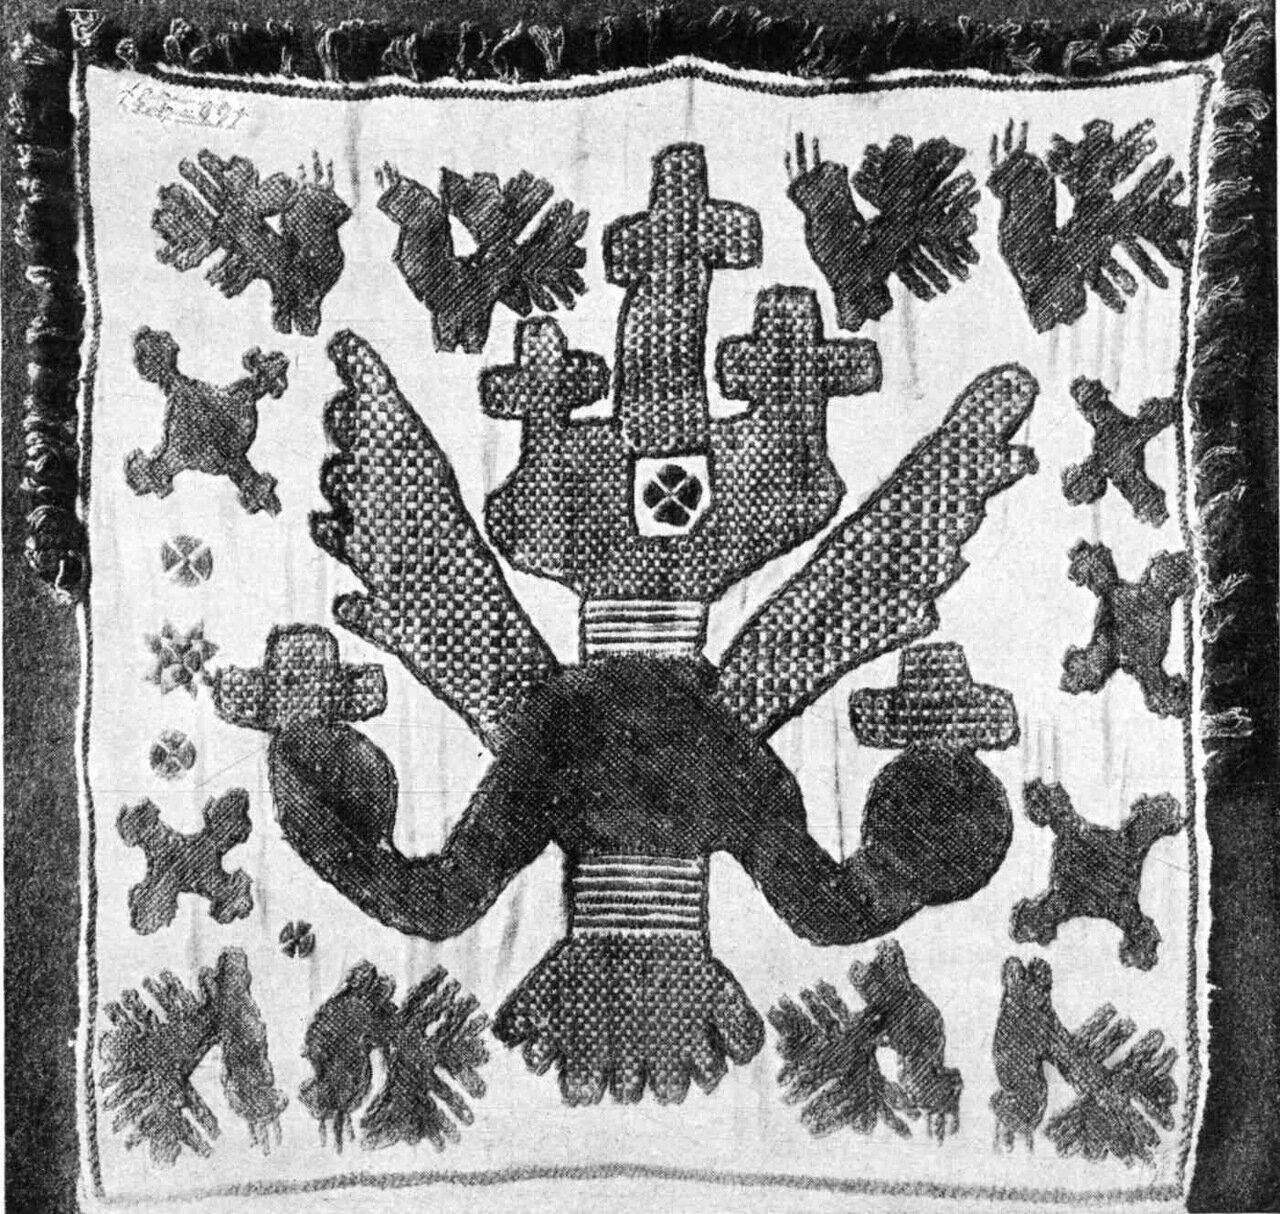 21. В селе Вышней Залегощи, Новосильского уезда, собрана была занчительная коллекция таких вышивок